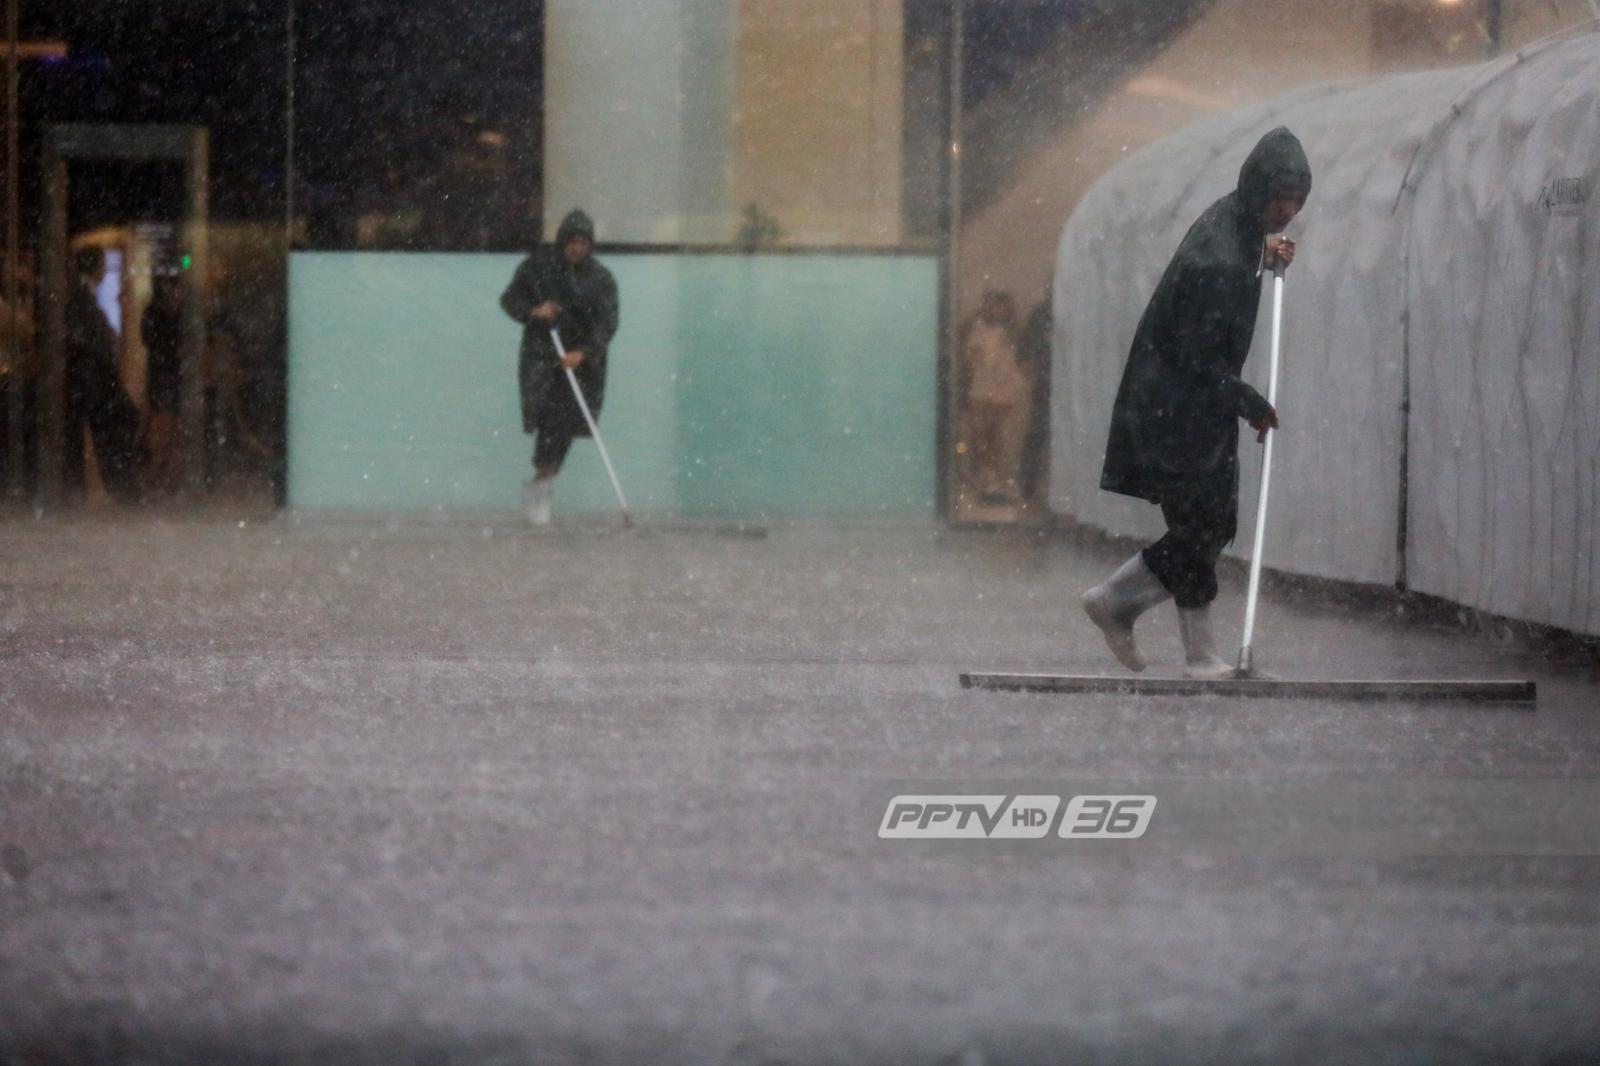 อุตุฯ เตือน ภาคเหนือ-อีสาน-กลาง-ใต้ ยังเจอฝนหนัก